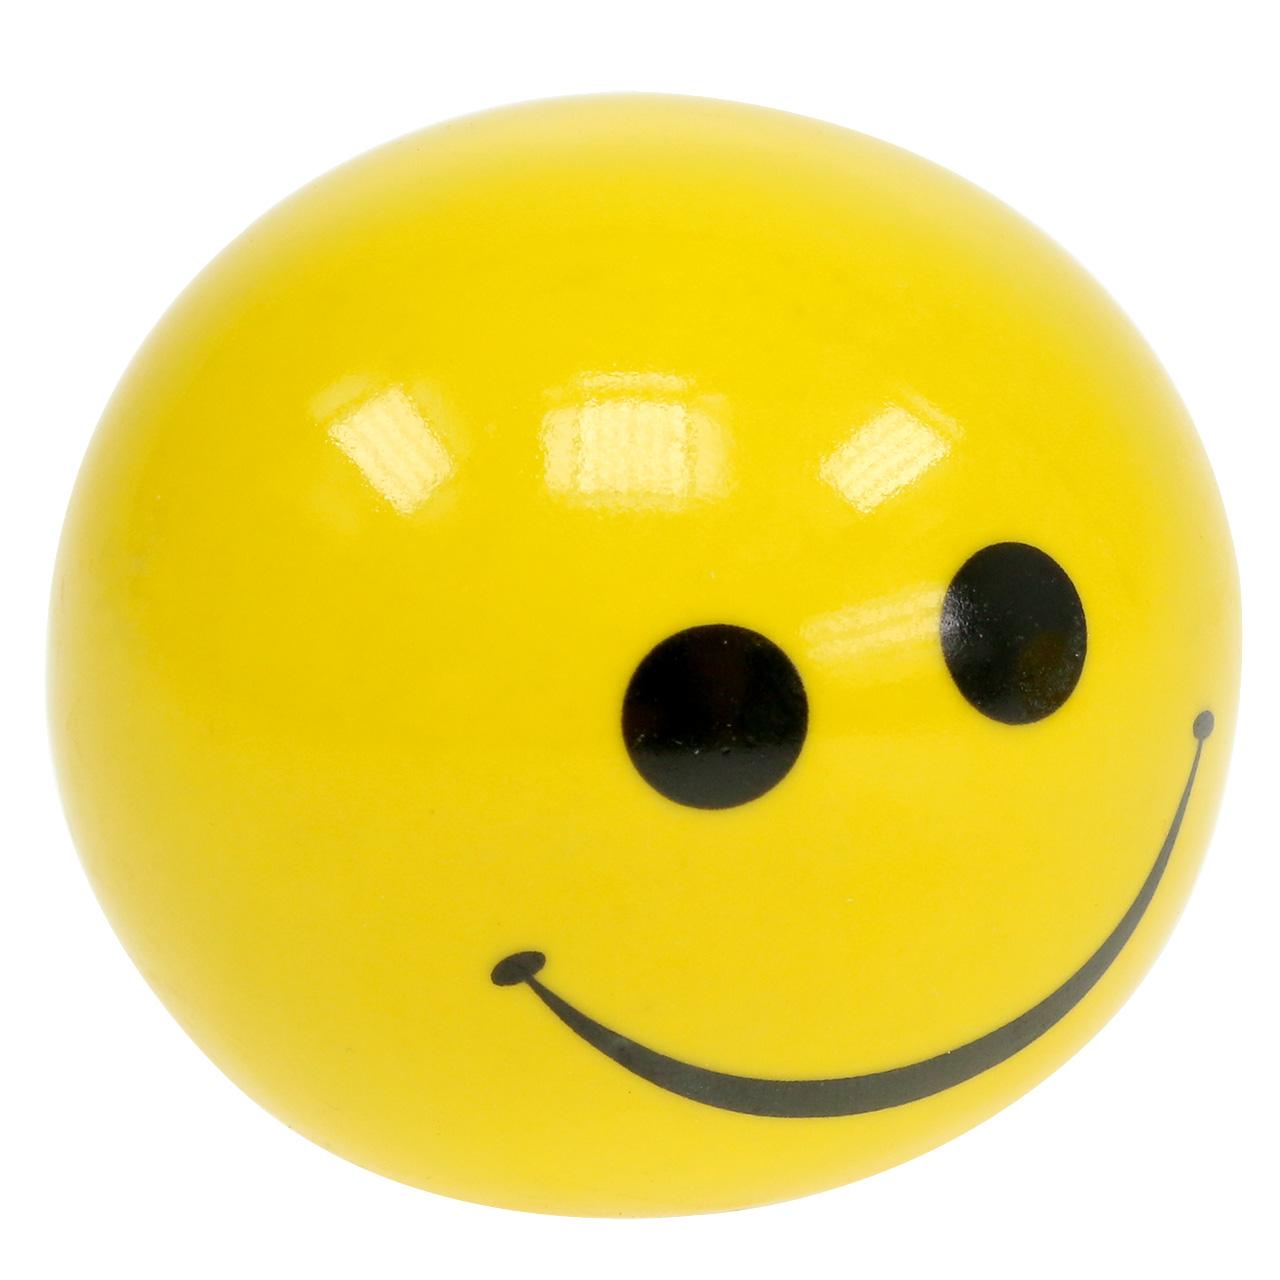 Keraaminen pallo smeili keltainen Ø5cm H4,5cm 6kpl.